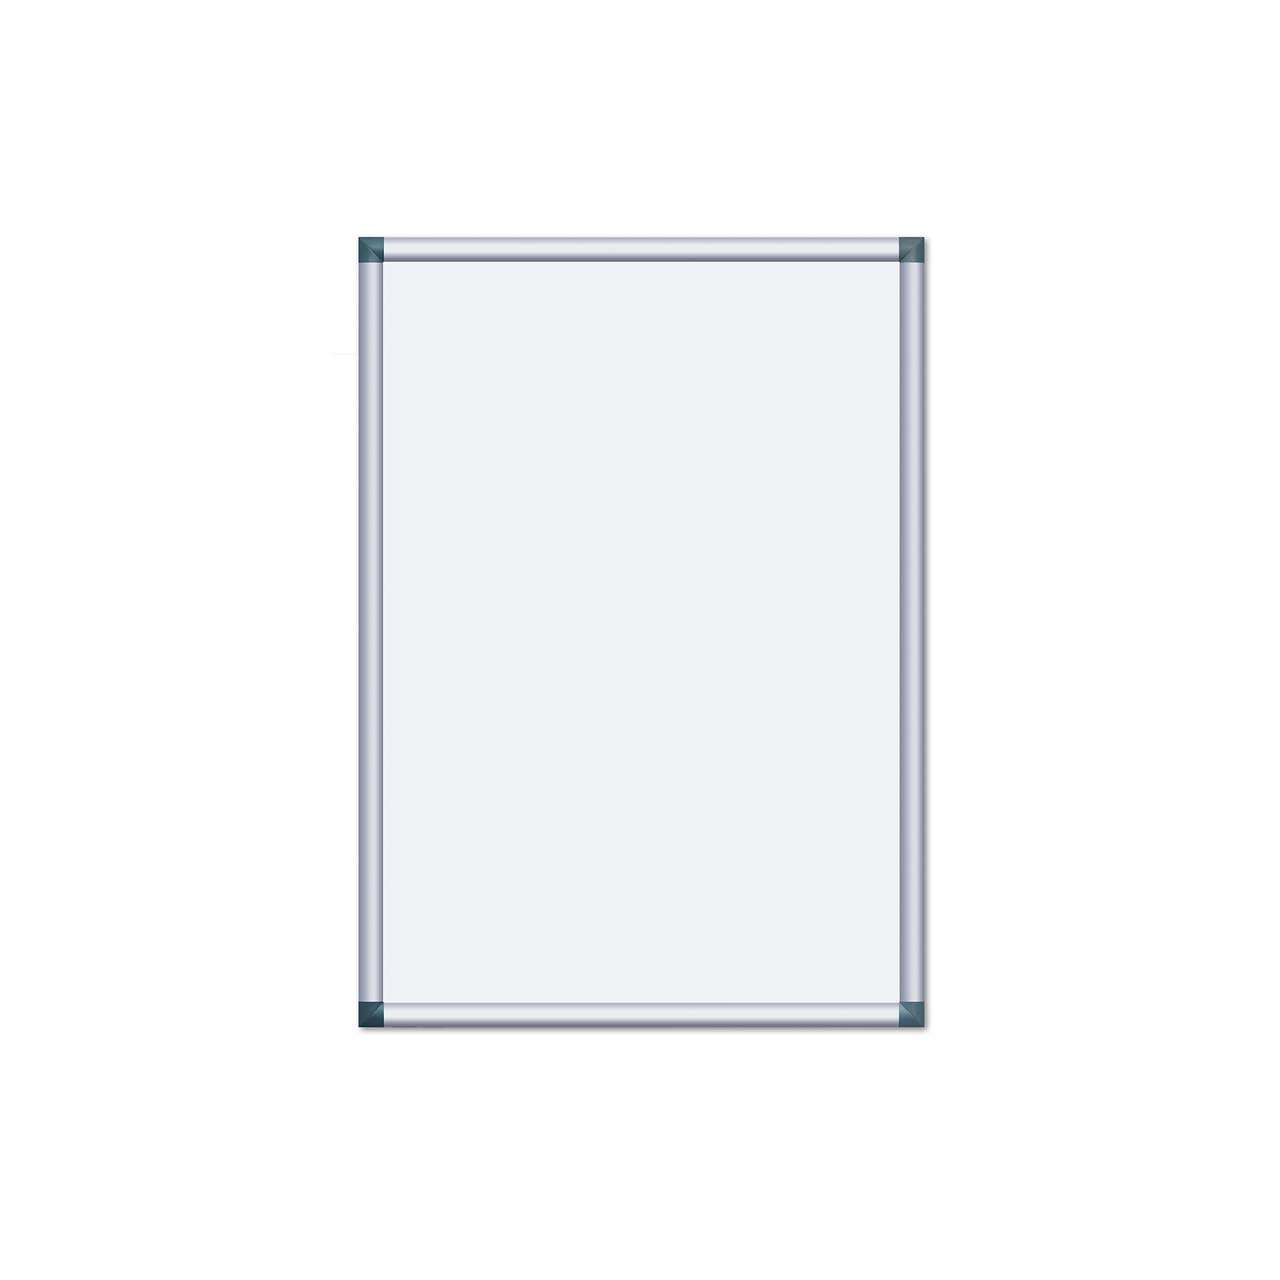 Alu-Plakatrahmen mit kantigen Ecken, DIN A1 (594 x 841 mm ...